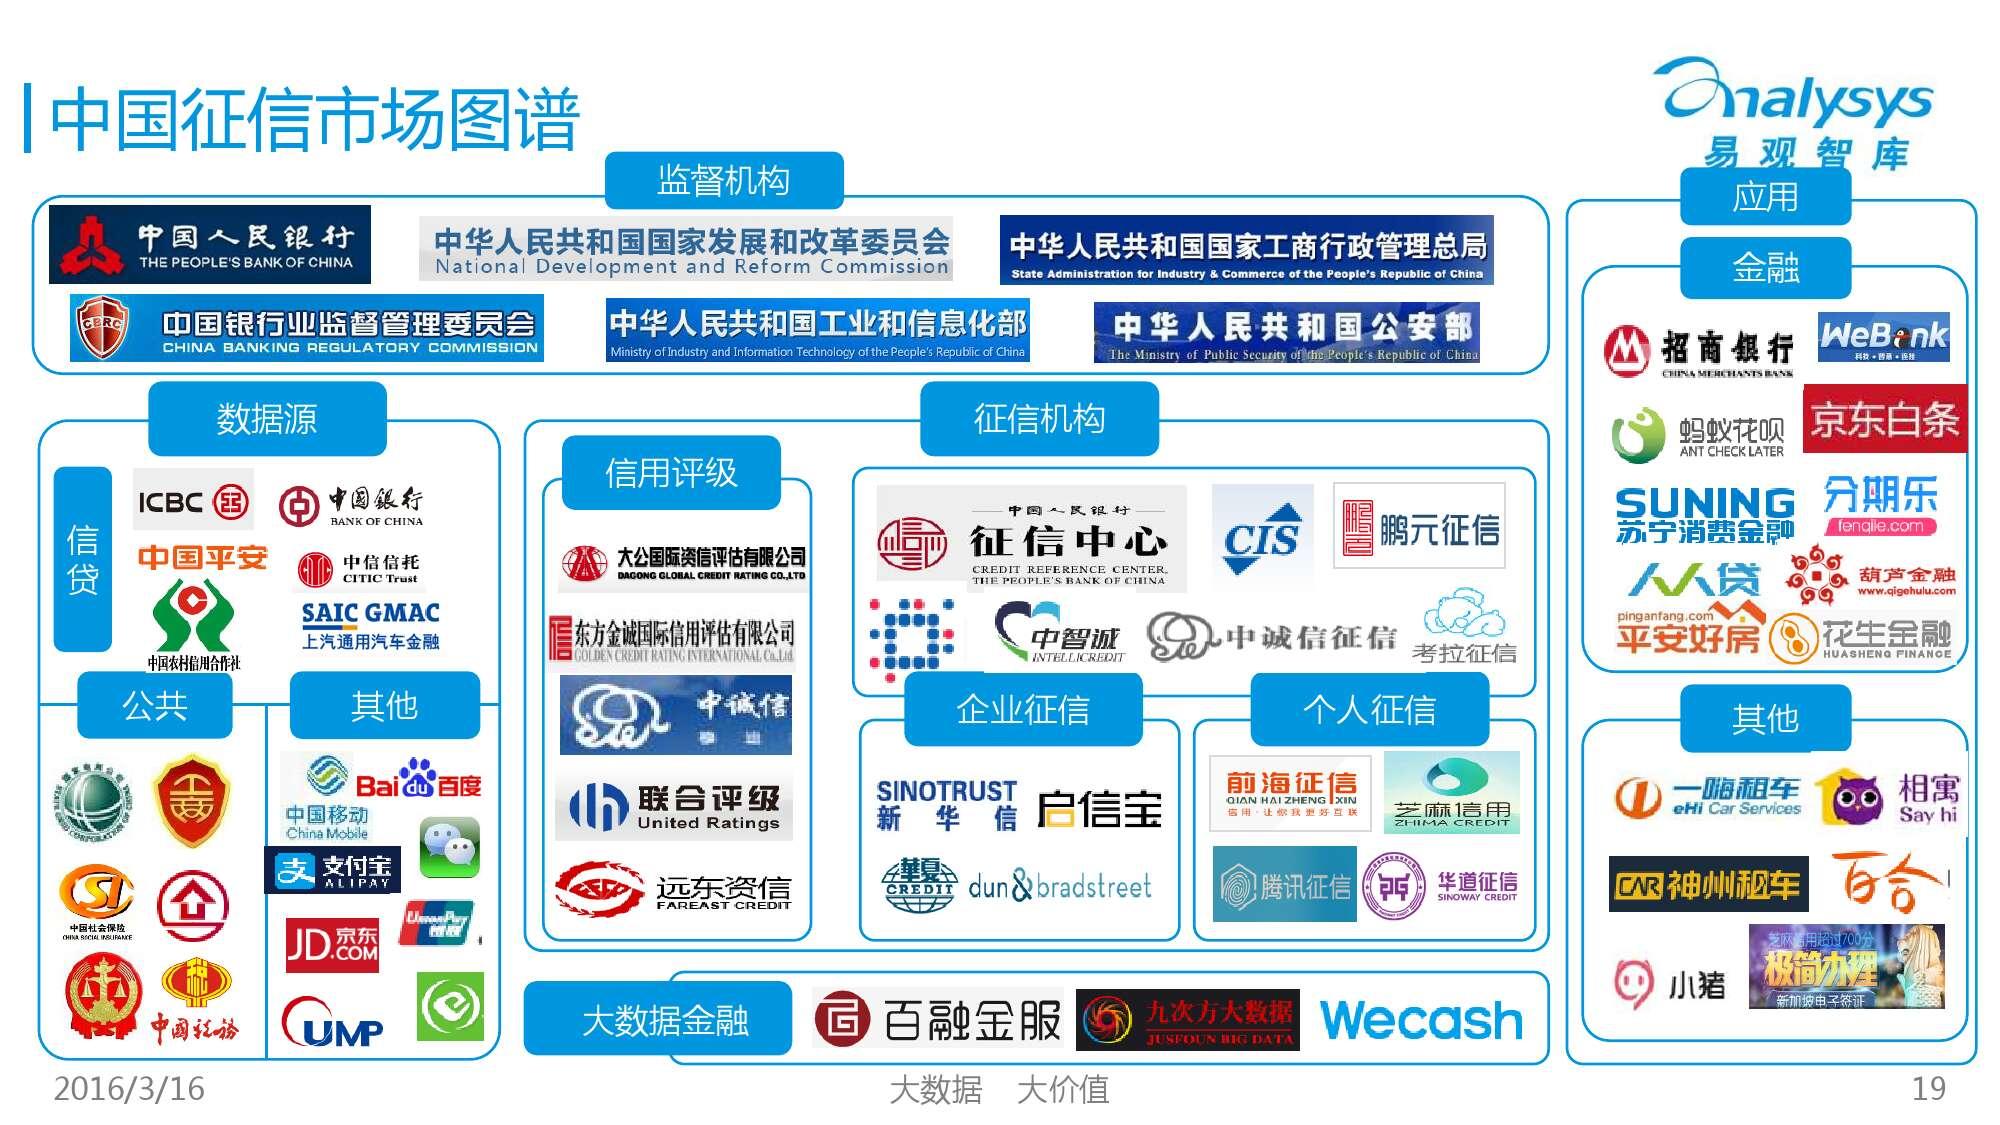 中国征信行业专题研究报告2016_000019